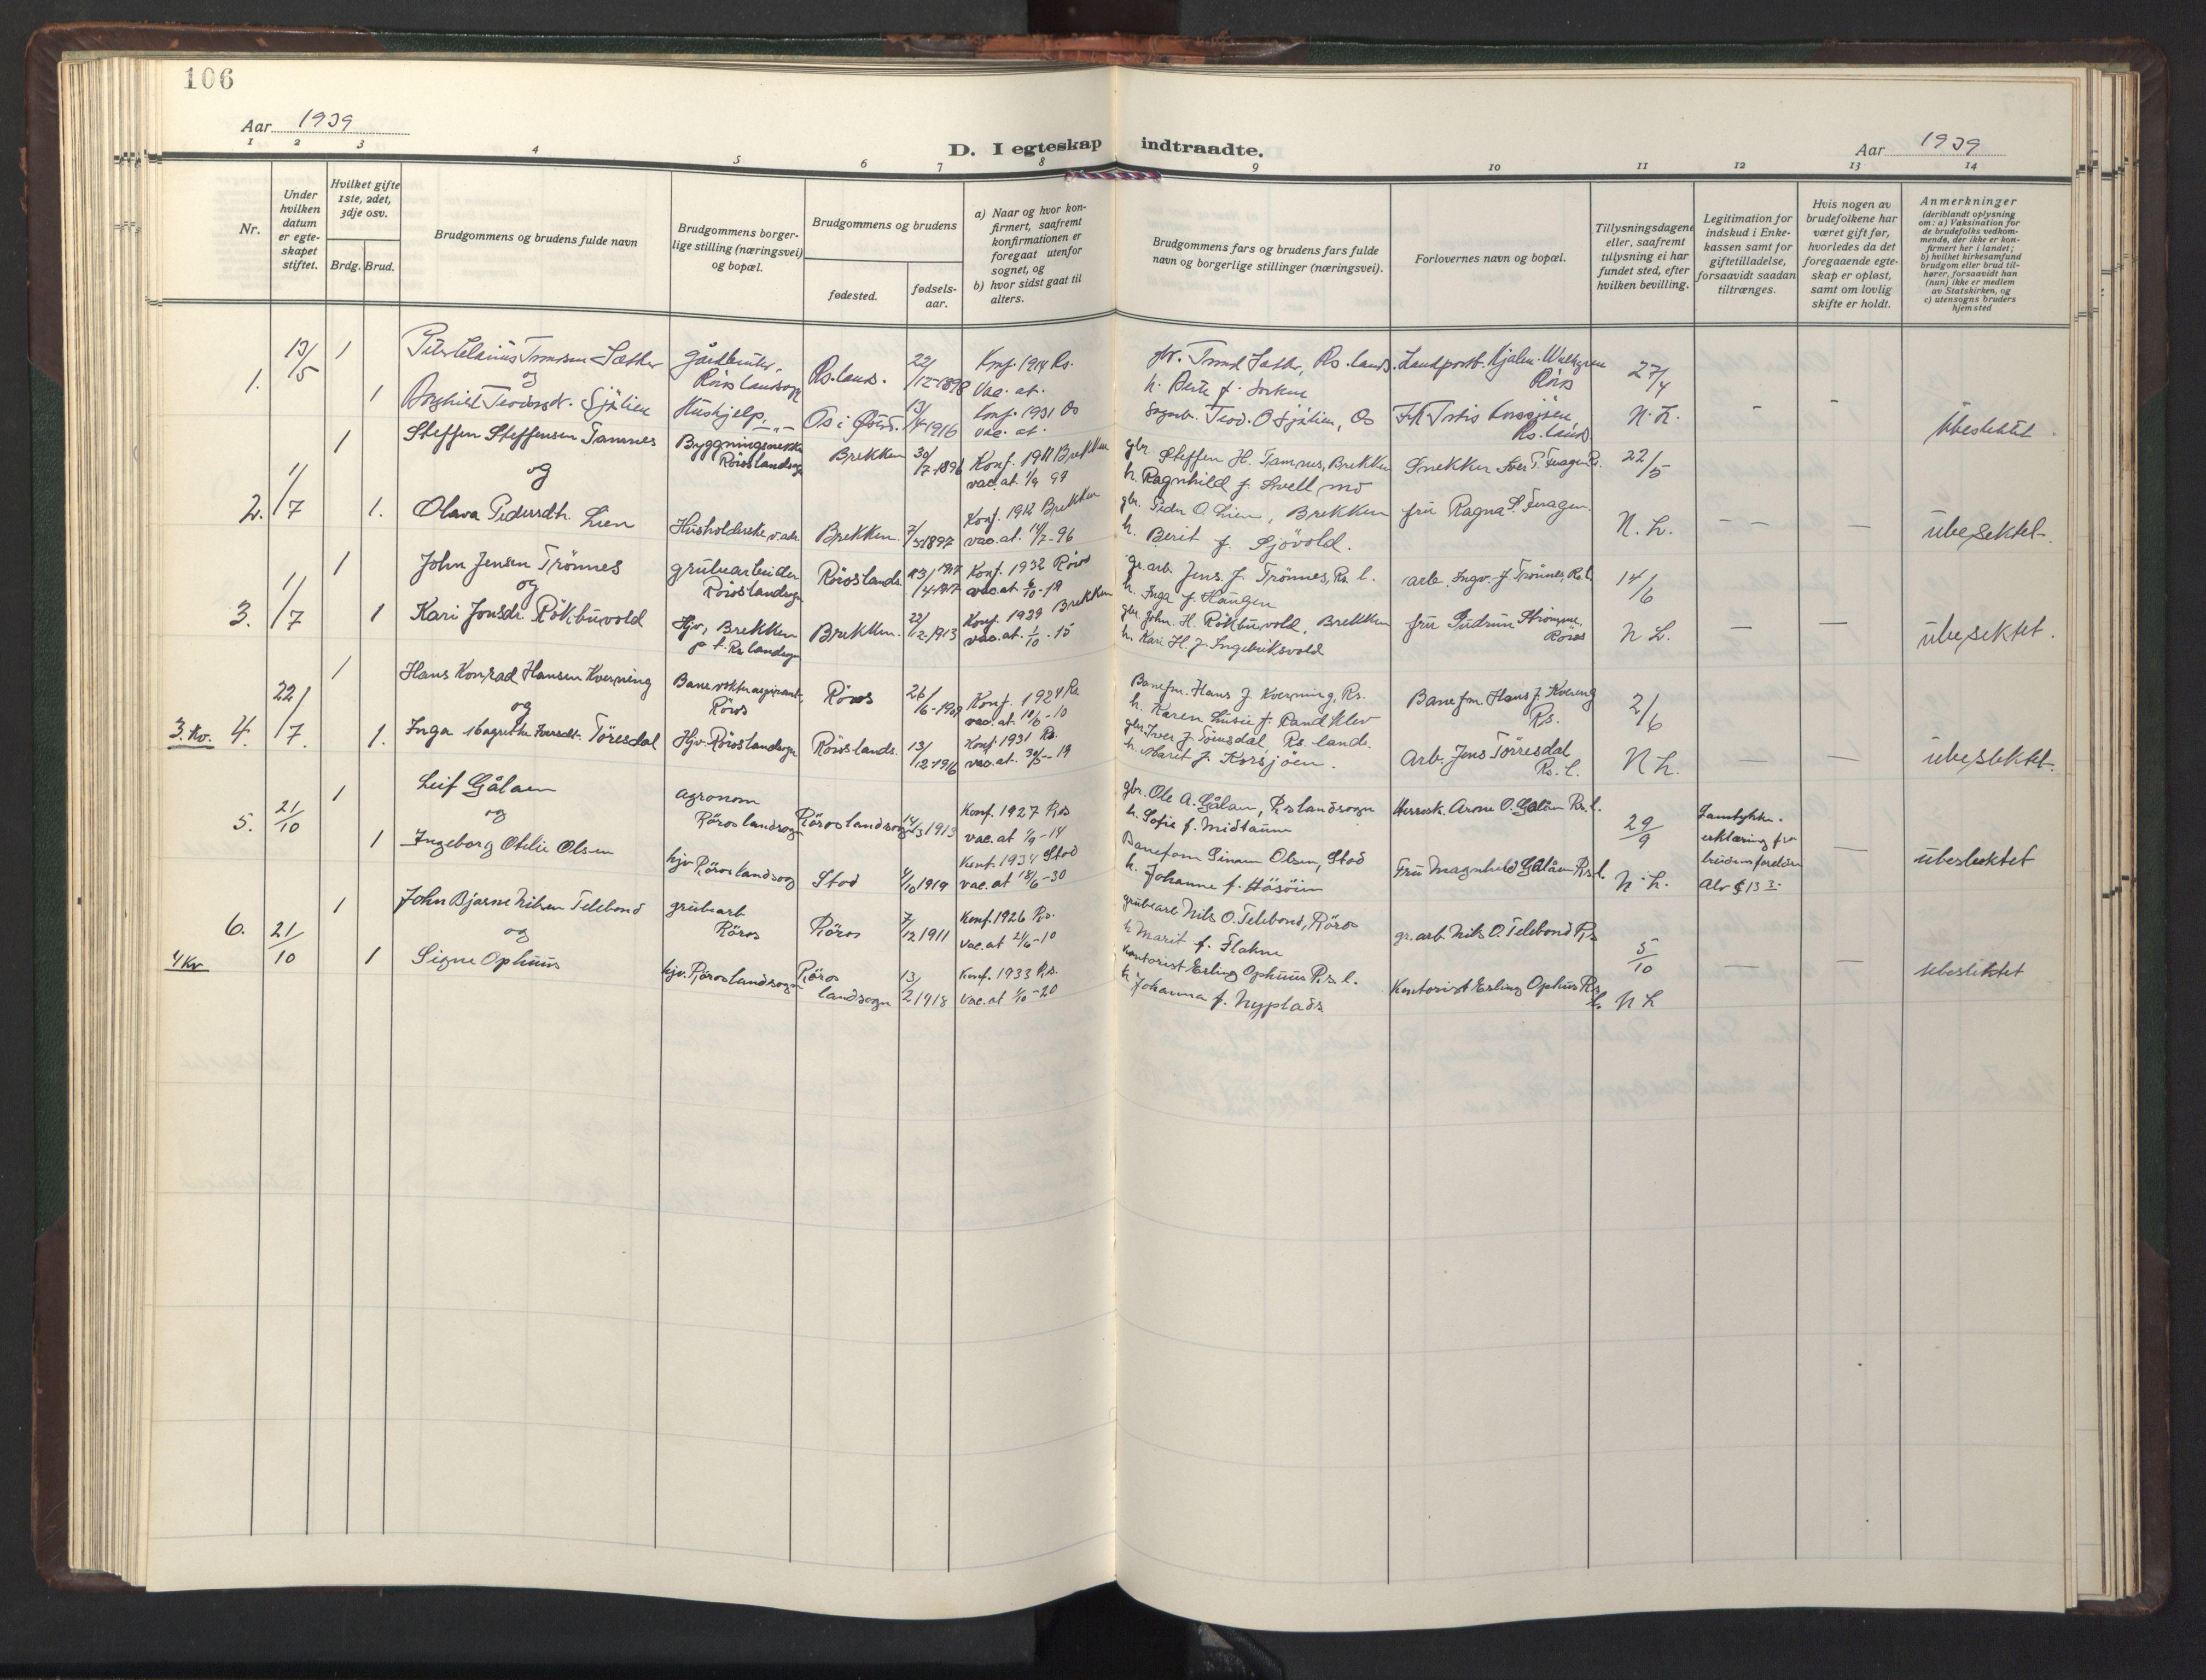 SAT, Ministerialprotokoller, klokkerbøker og fødselsregistre - Sør-Trøndelag, 681/L0944: Klokkerbok nr. 681C08, 1926-1954, s. 106